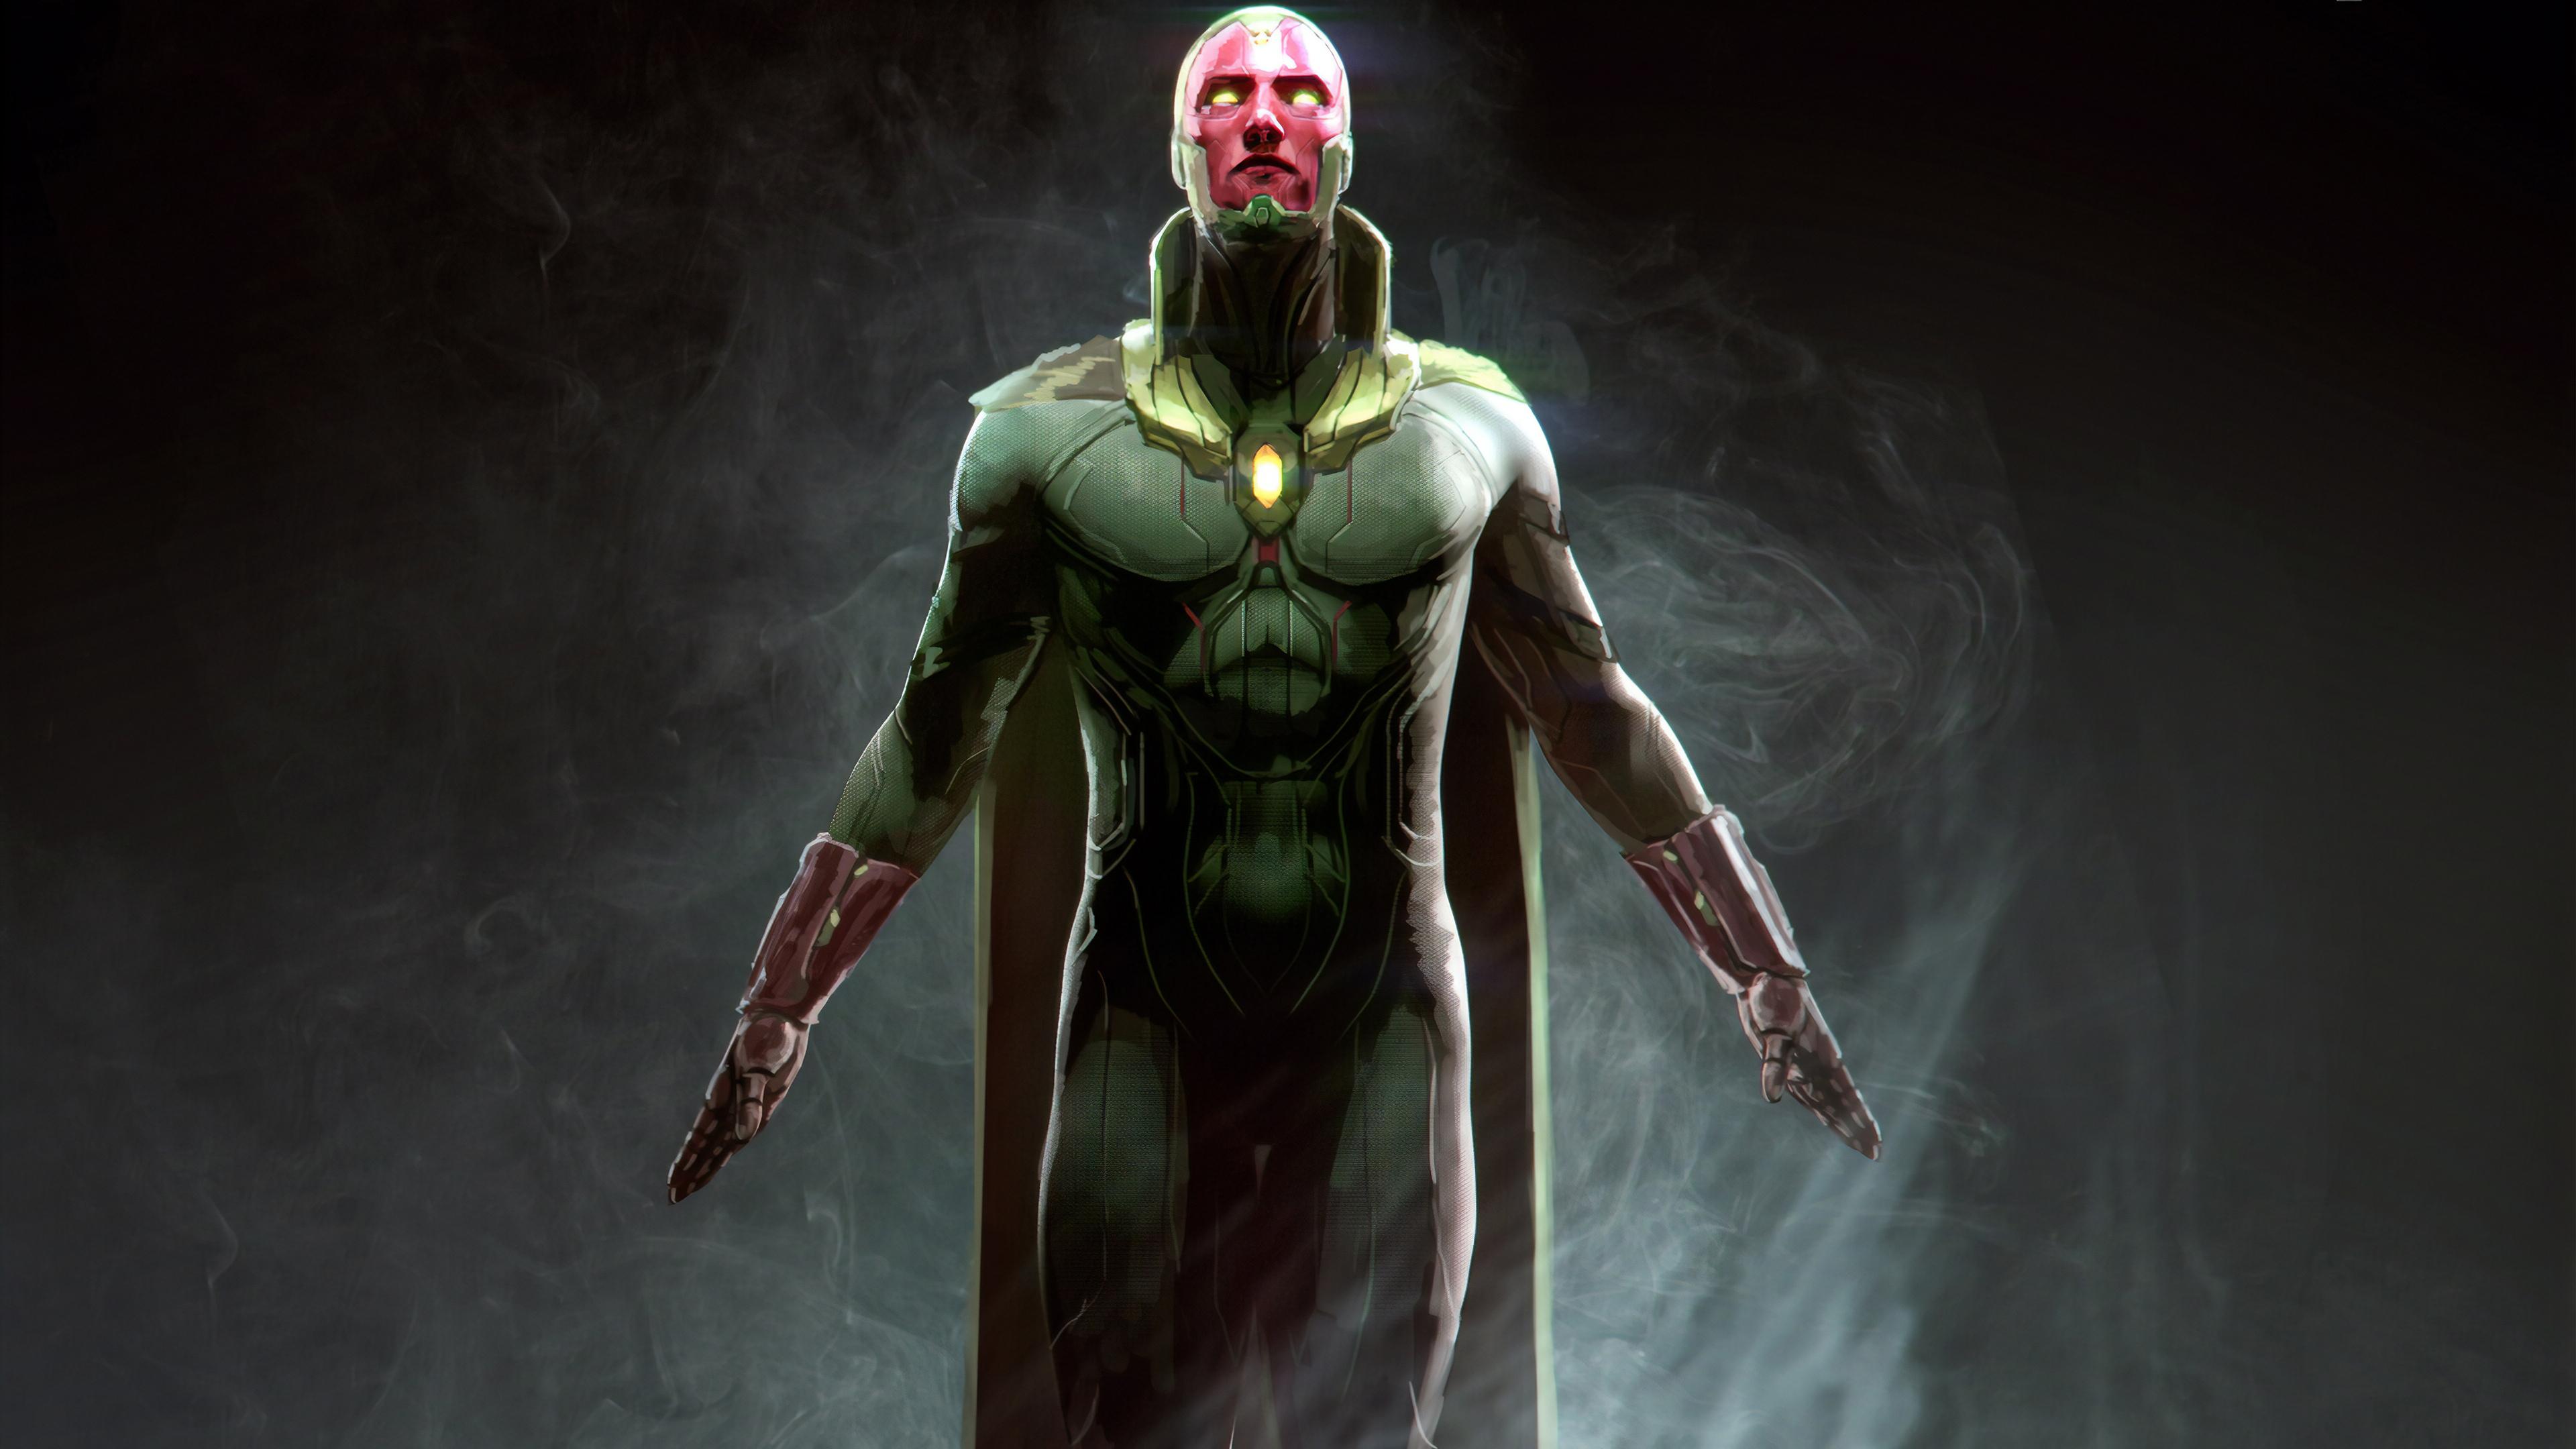 vision-marvel-superhero-ag.jpg